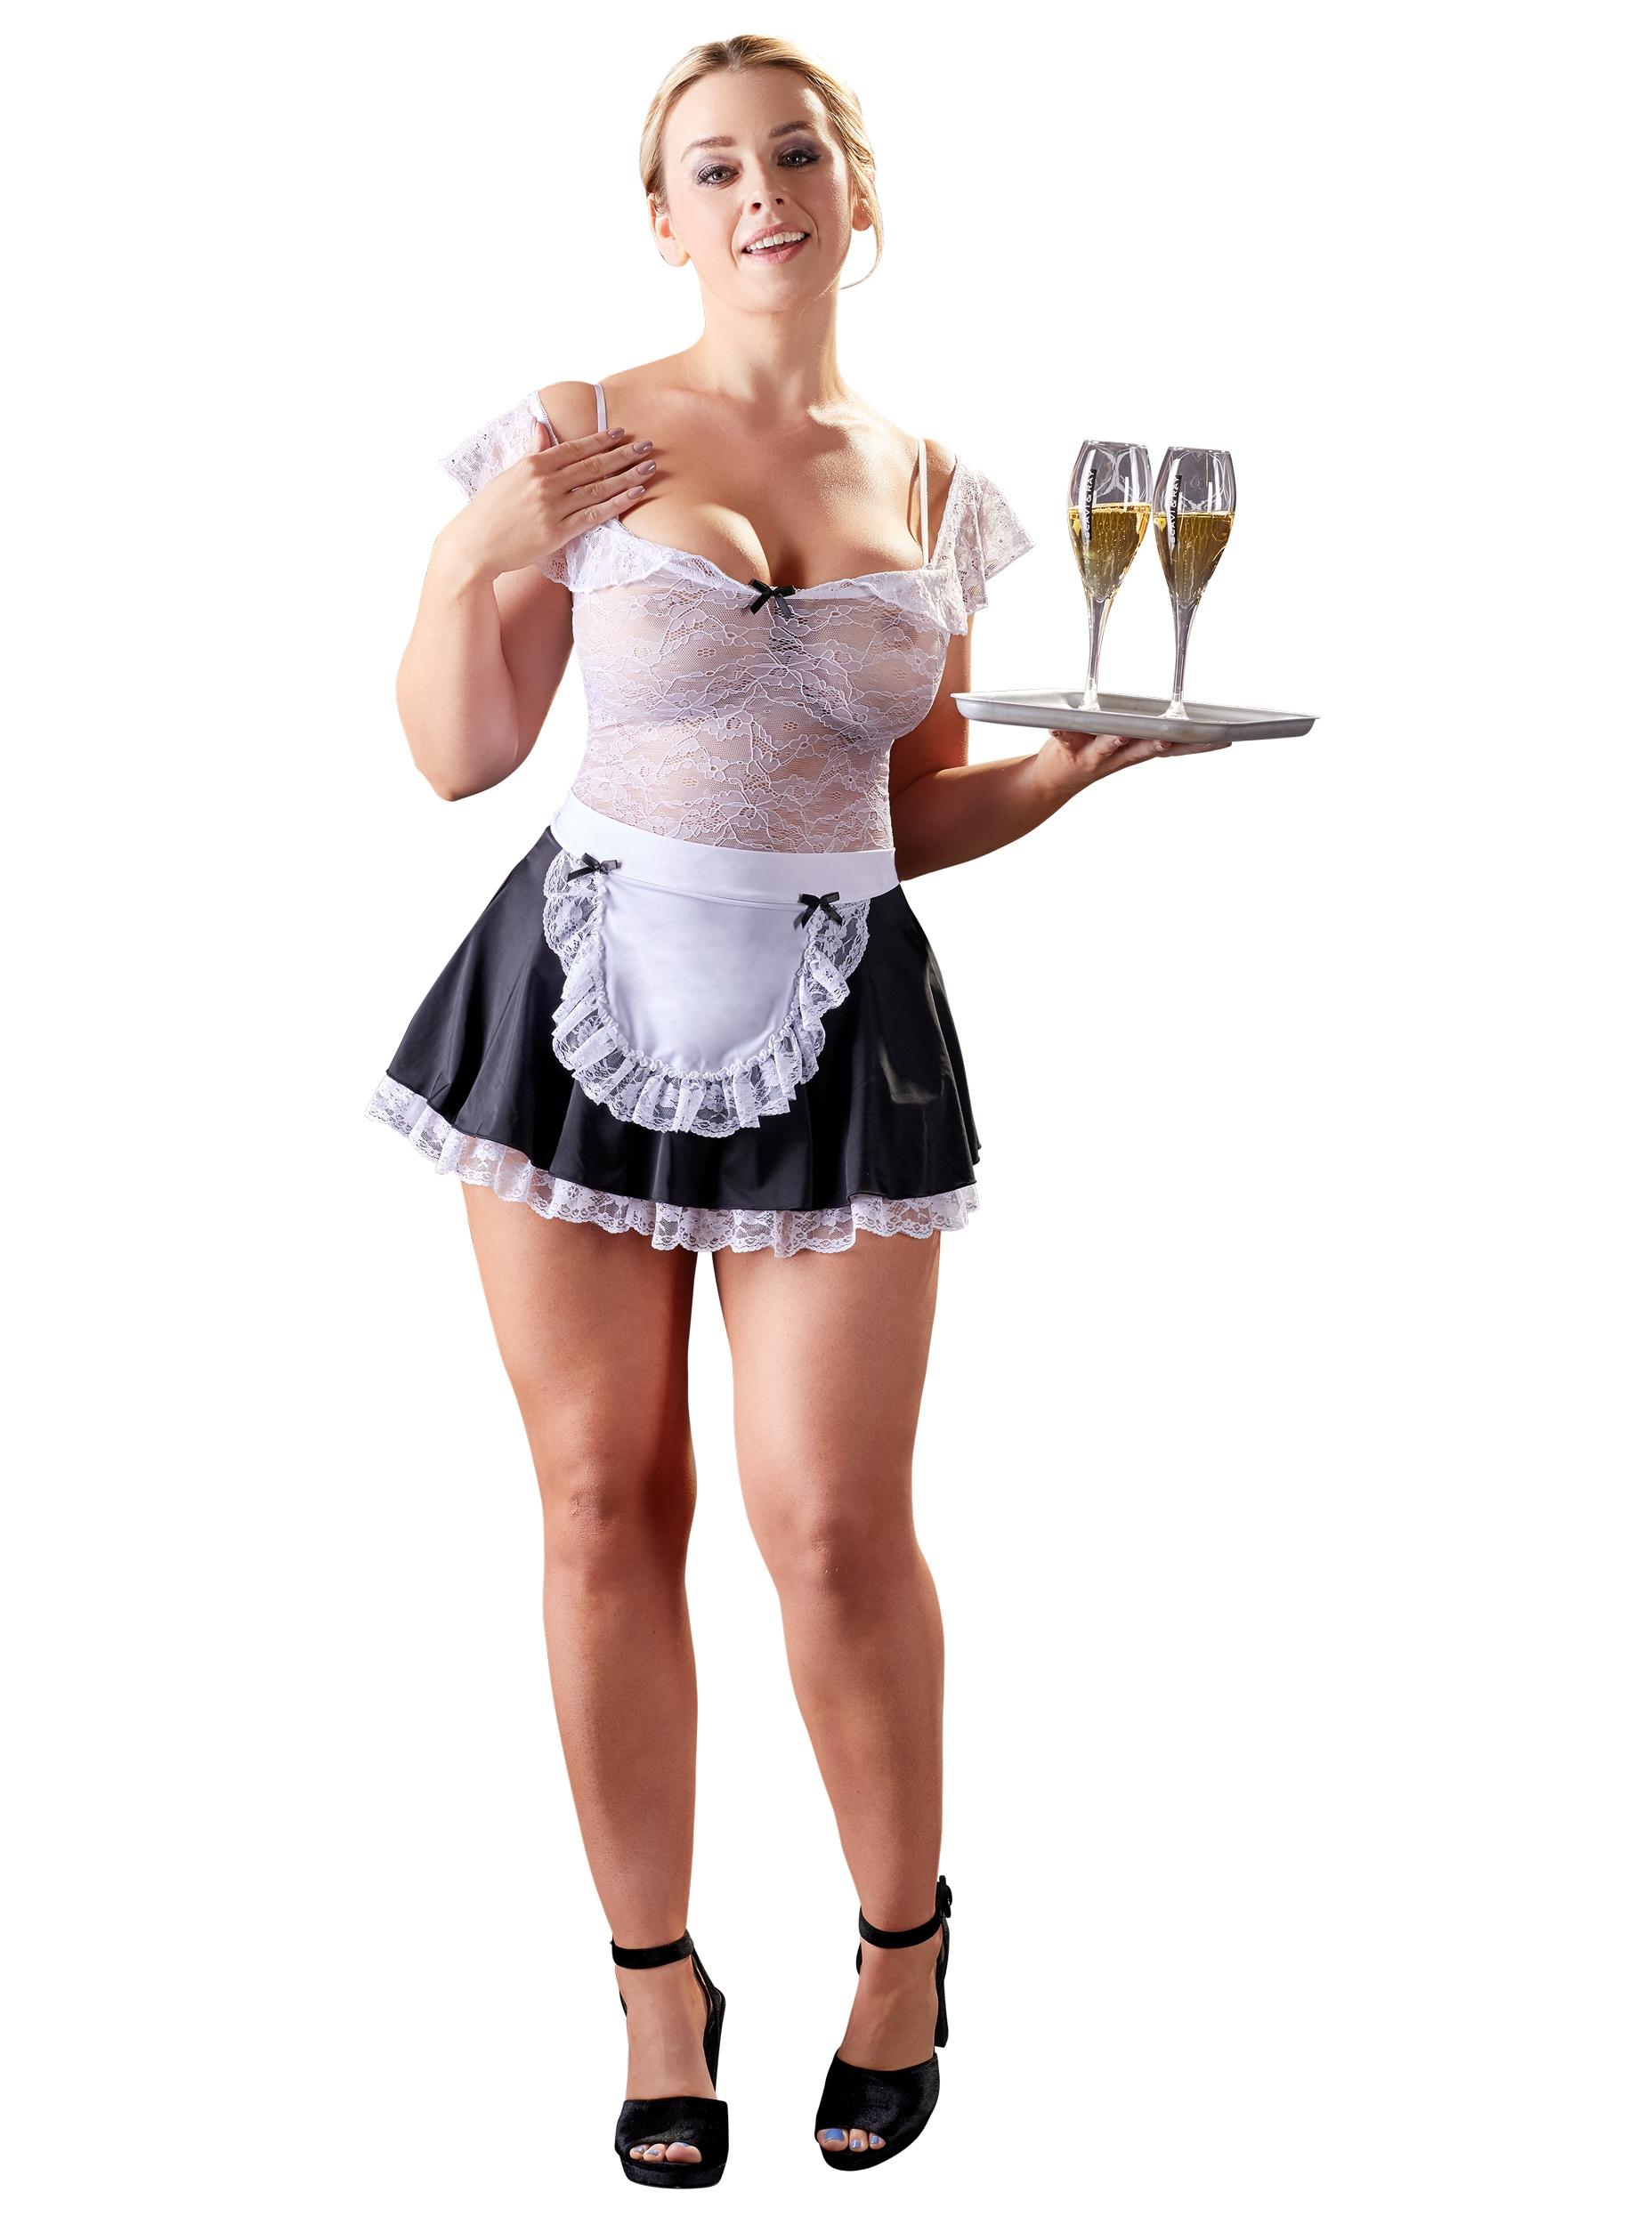 Maid's Dress With Lace Top | LINGERIE & KLÄDER, KLÄDER TJEJ, Rollspel & Maskerad, Brands, Cottelli Collection | Intimast.se - Sexleksaker